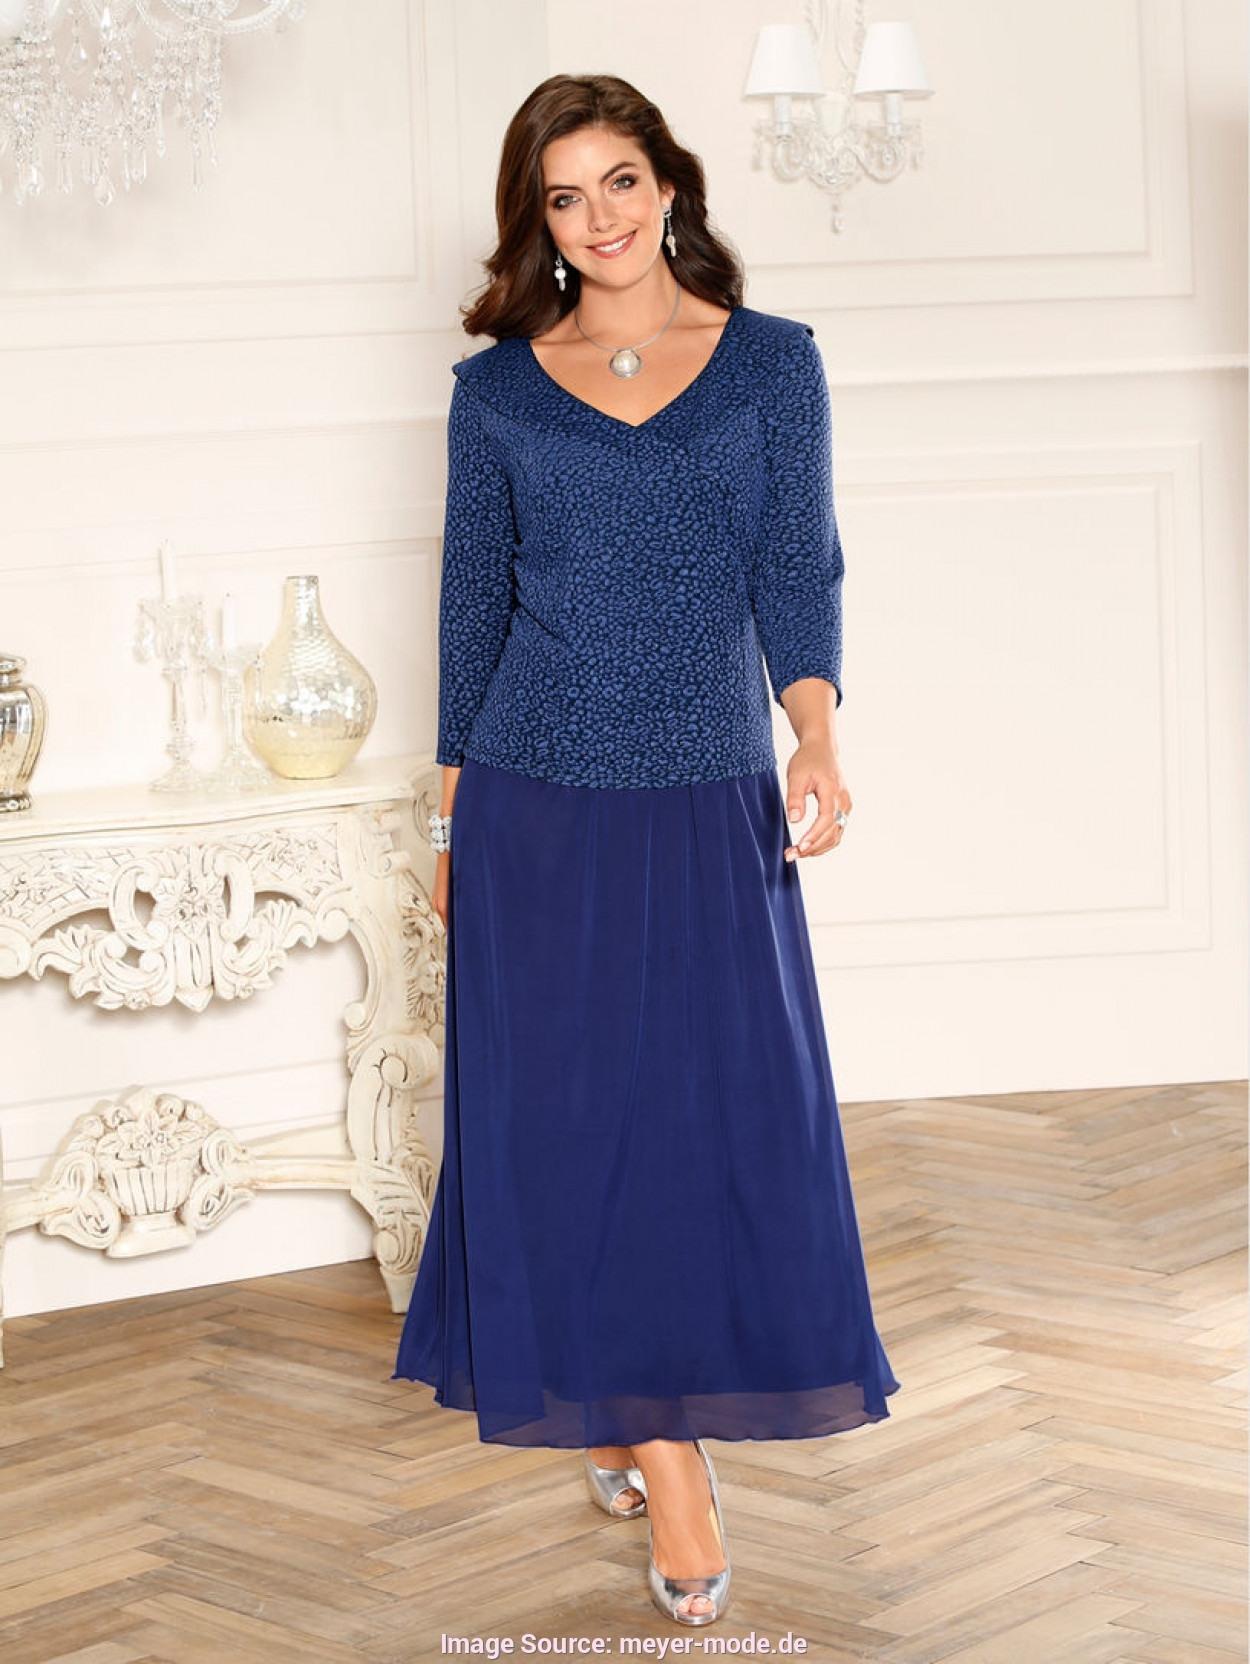 20 Luxurius Elegante Kleider Für Die Frau Ab 50 Galerie10 Wunderbar Elegante Kleider Für Die Frau Ab 50 Bester Preis